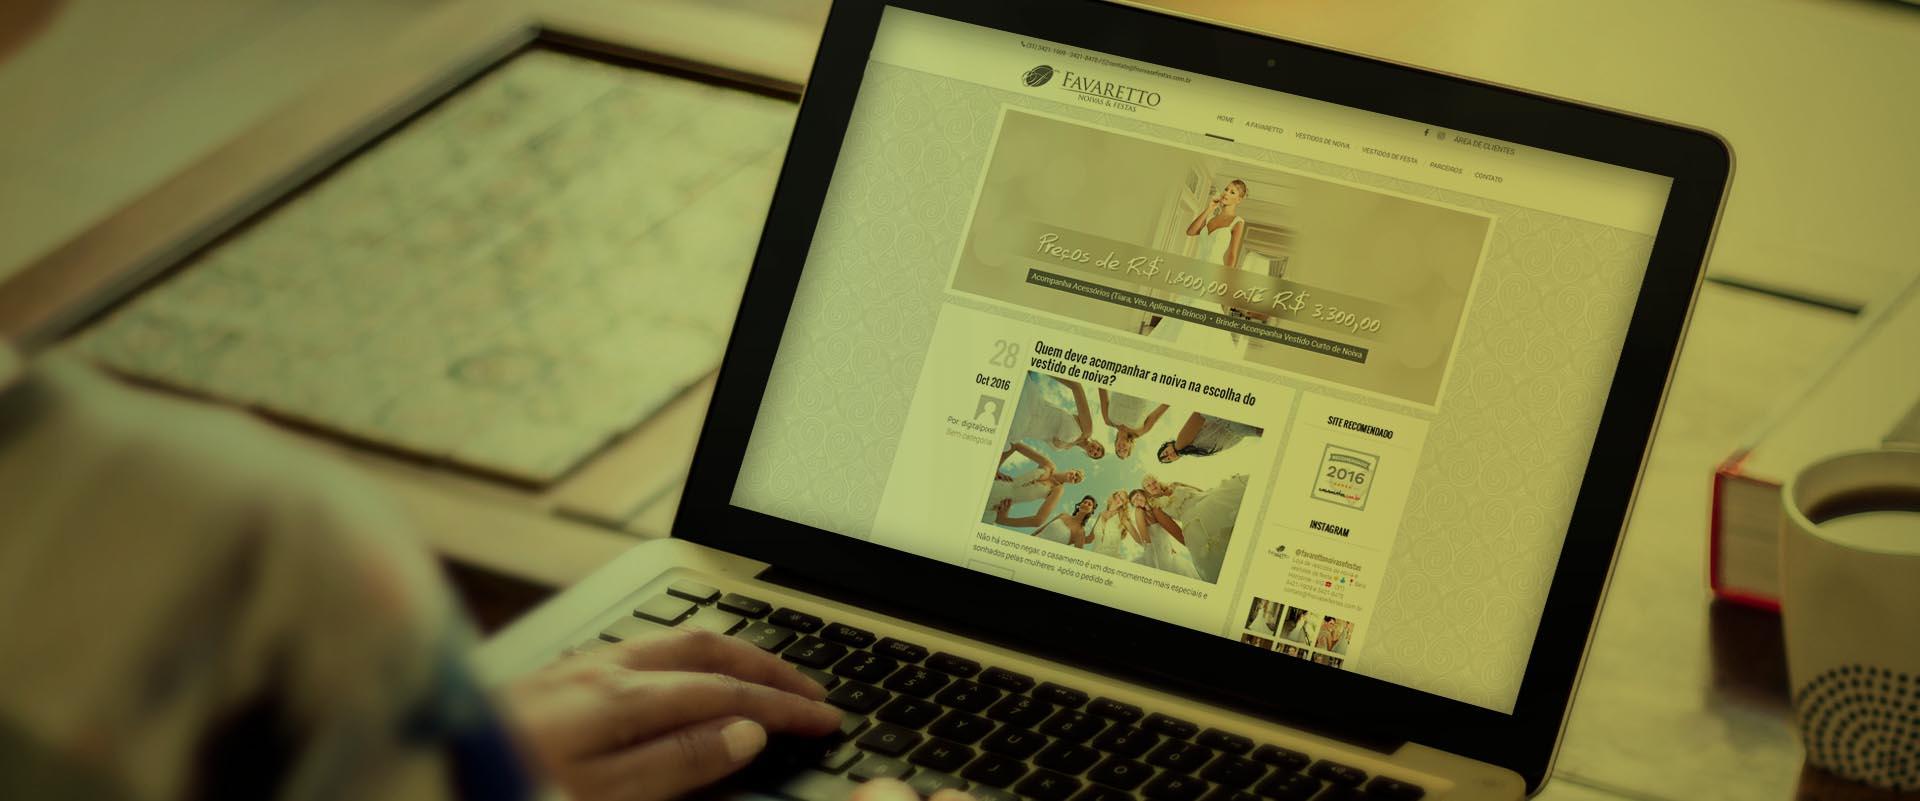 Criação de sites para aluguel de vestidos